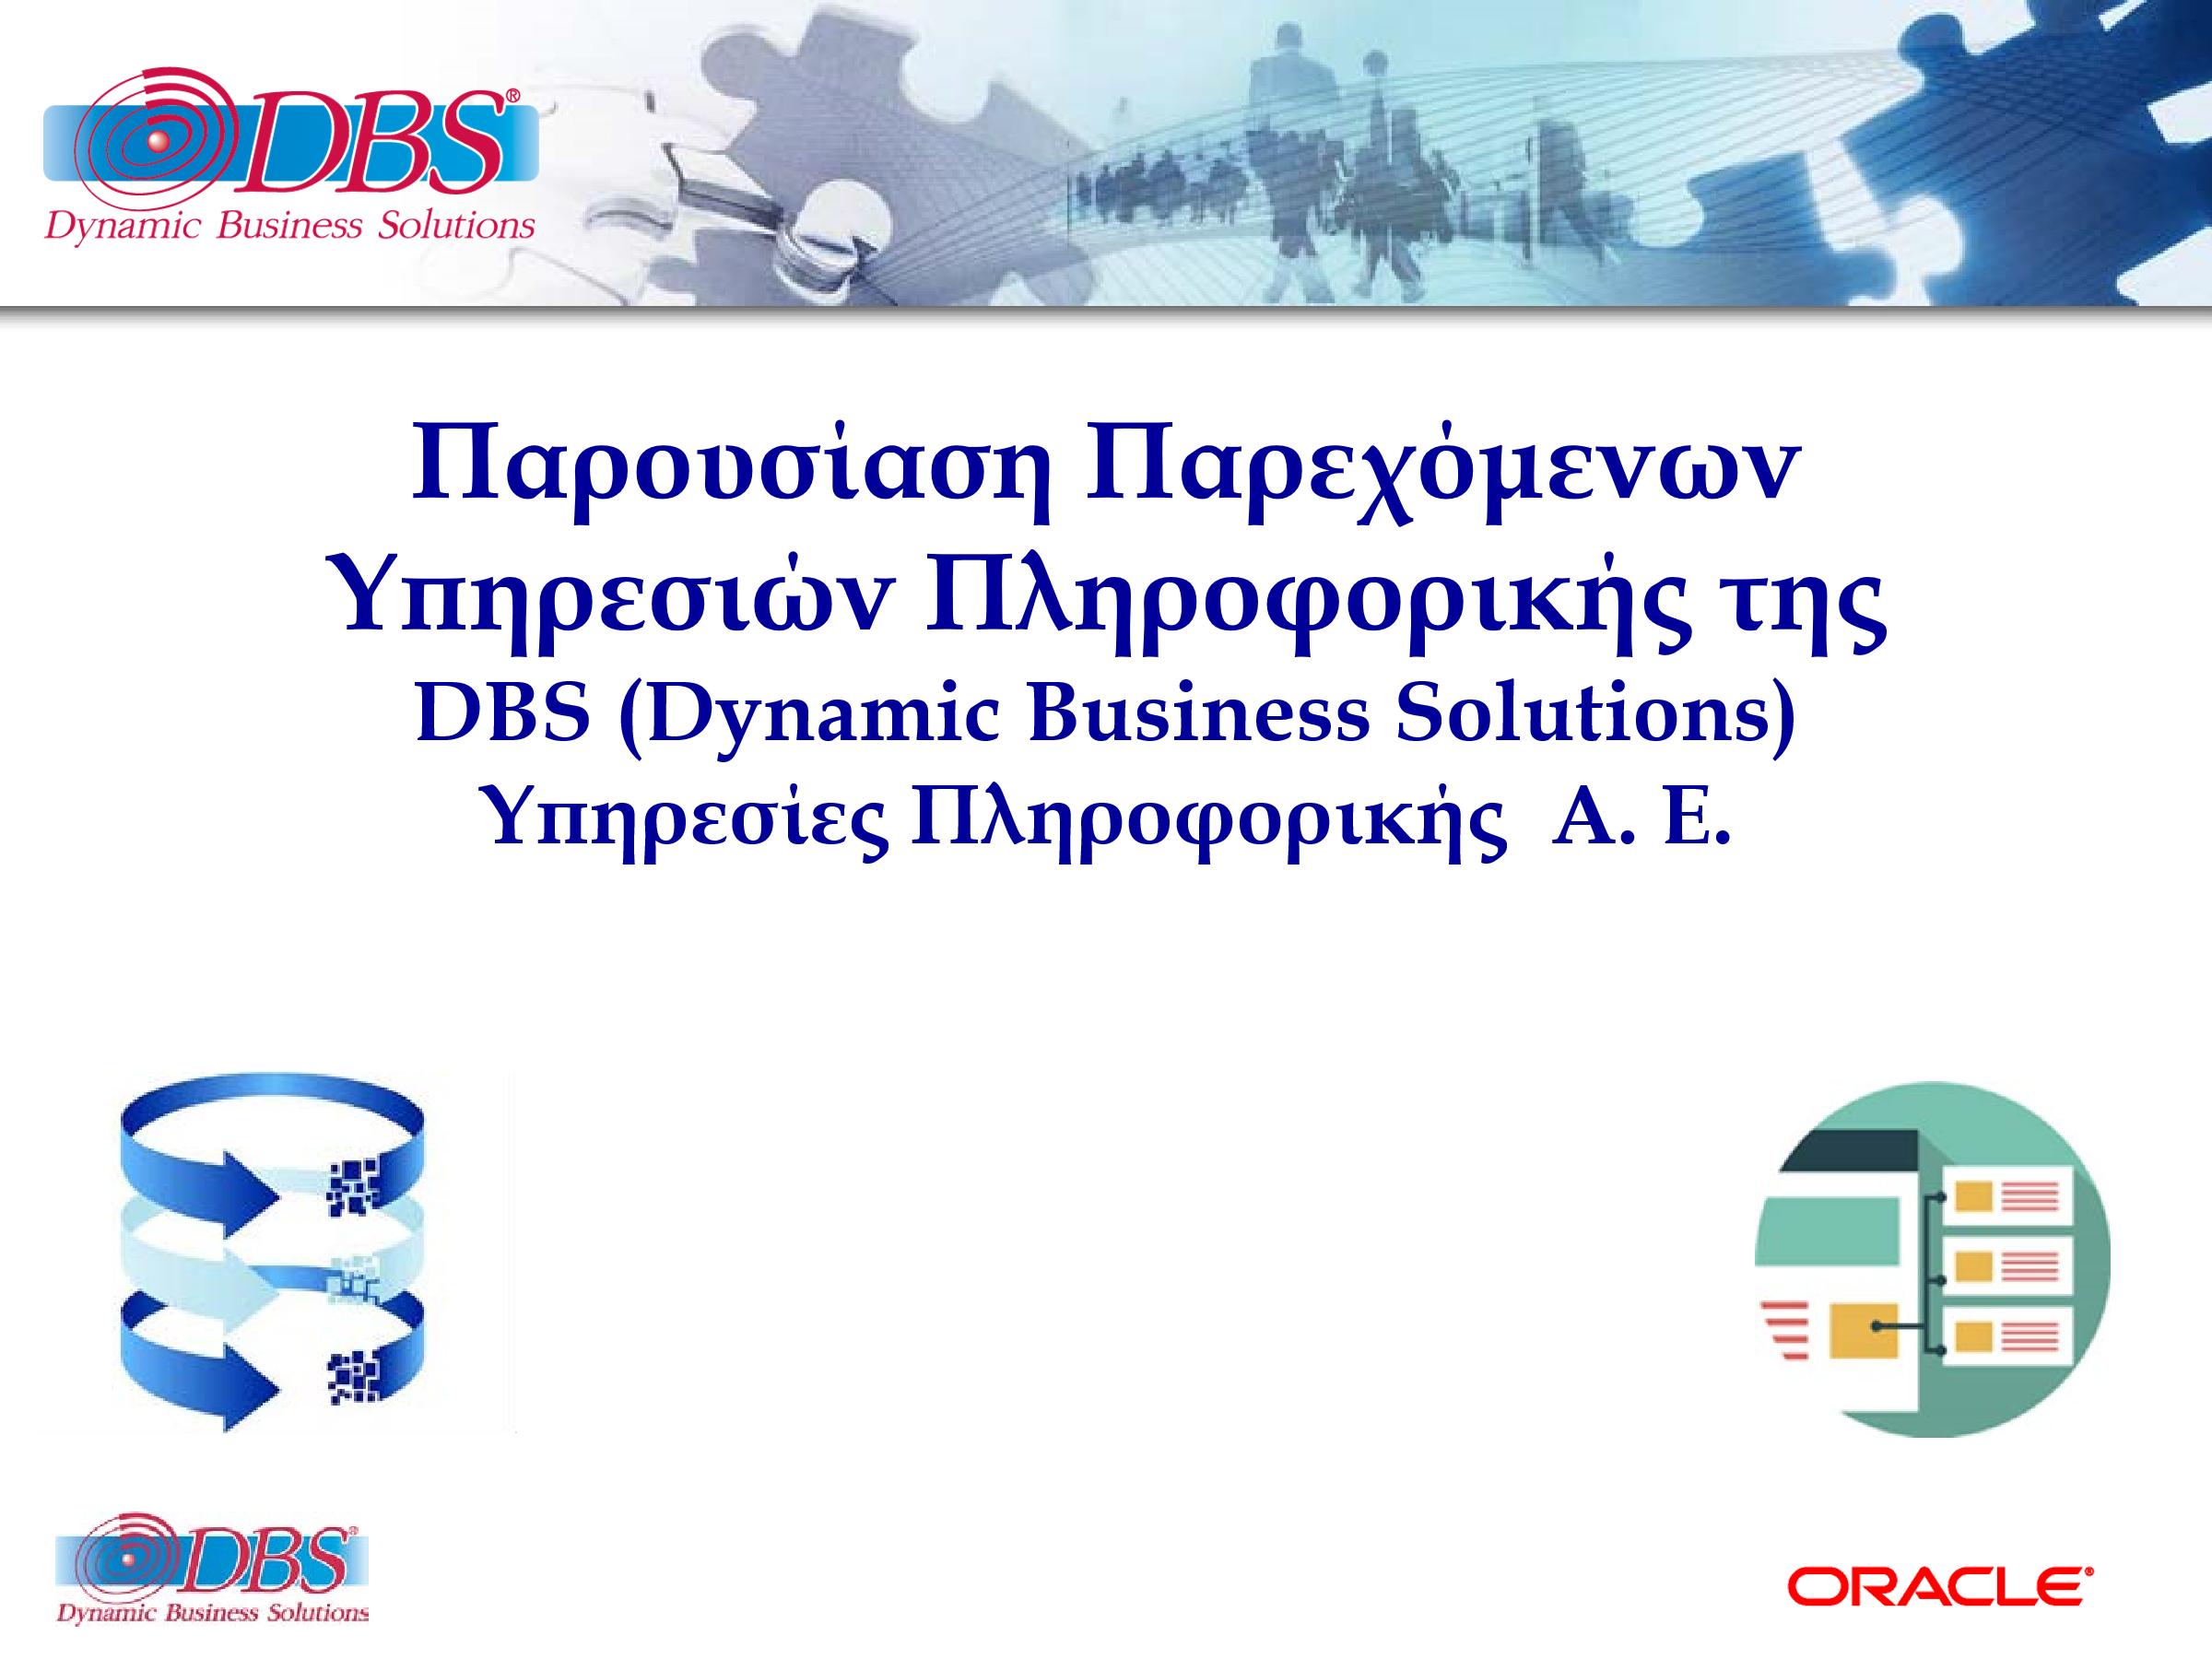 DBSDEMO2019_COMPANY_SERVICES_V18_R12-EL-1